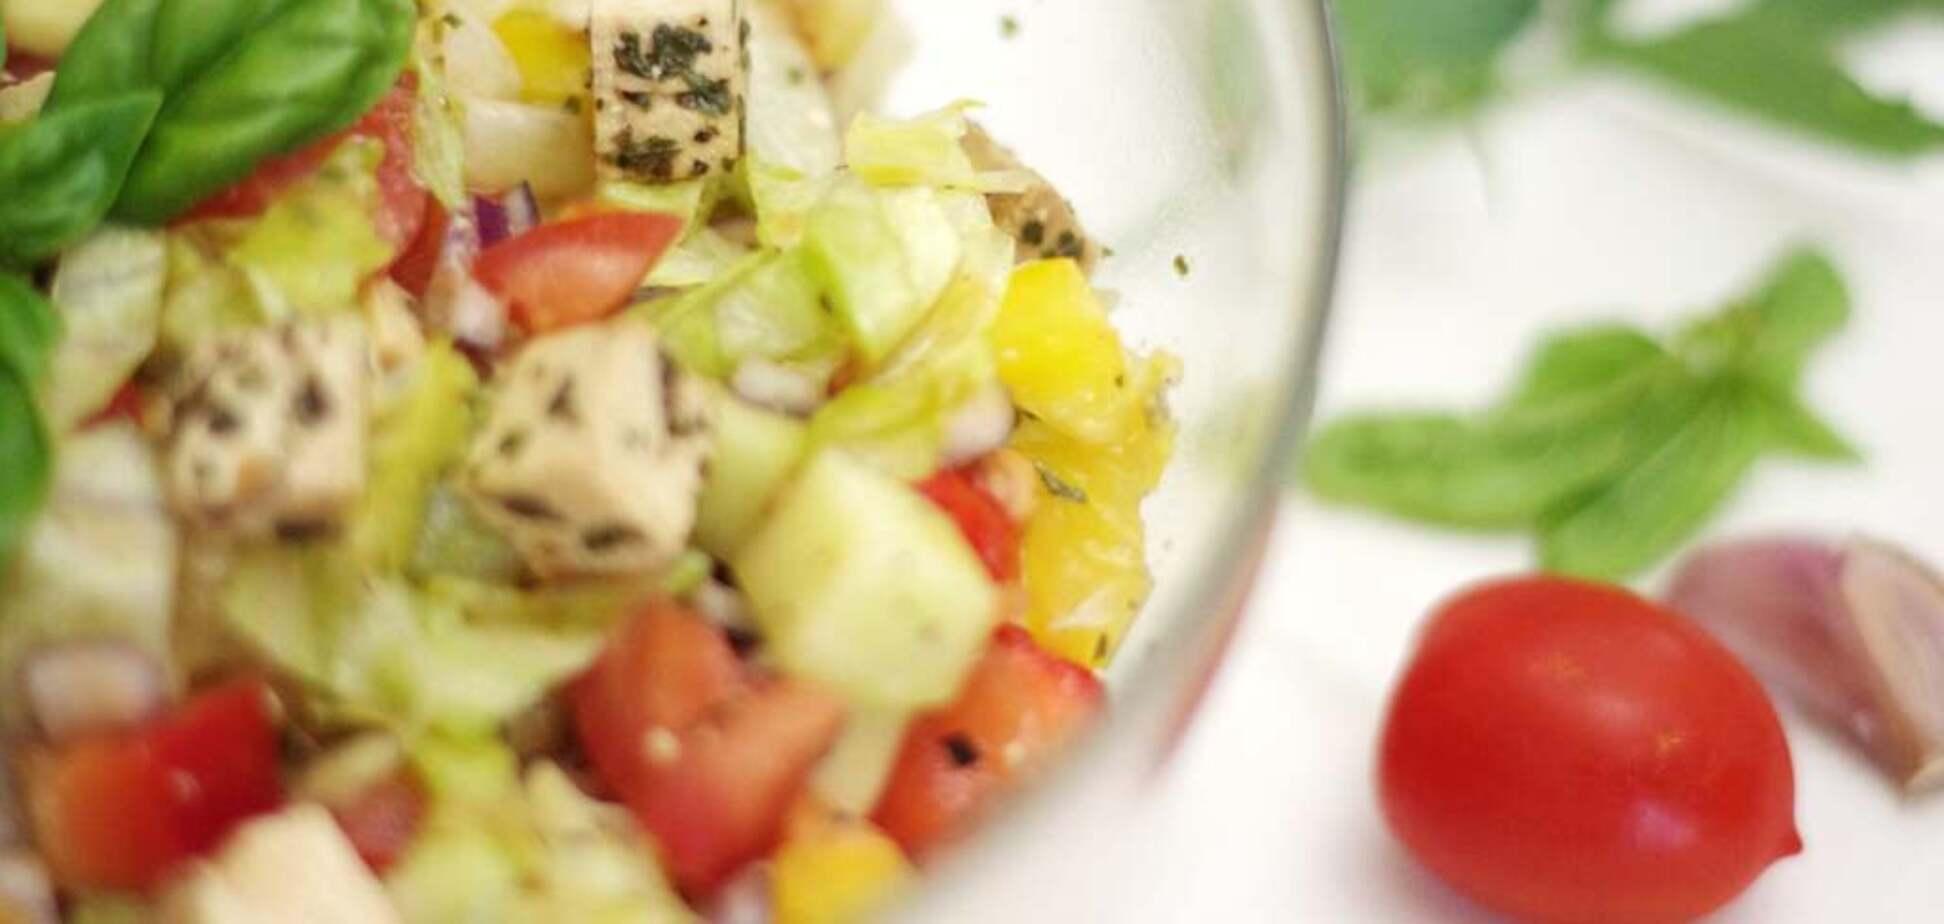 Рецепт аппетитного салата, секрет которого раскрыли на Балканах